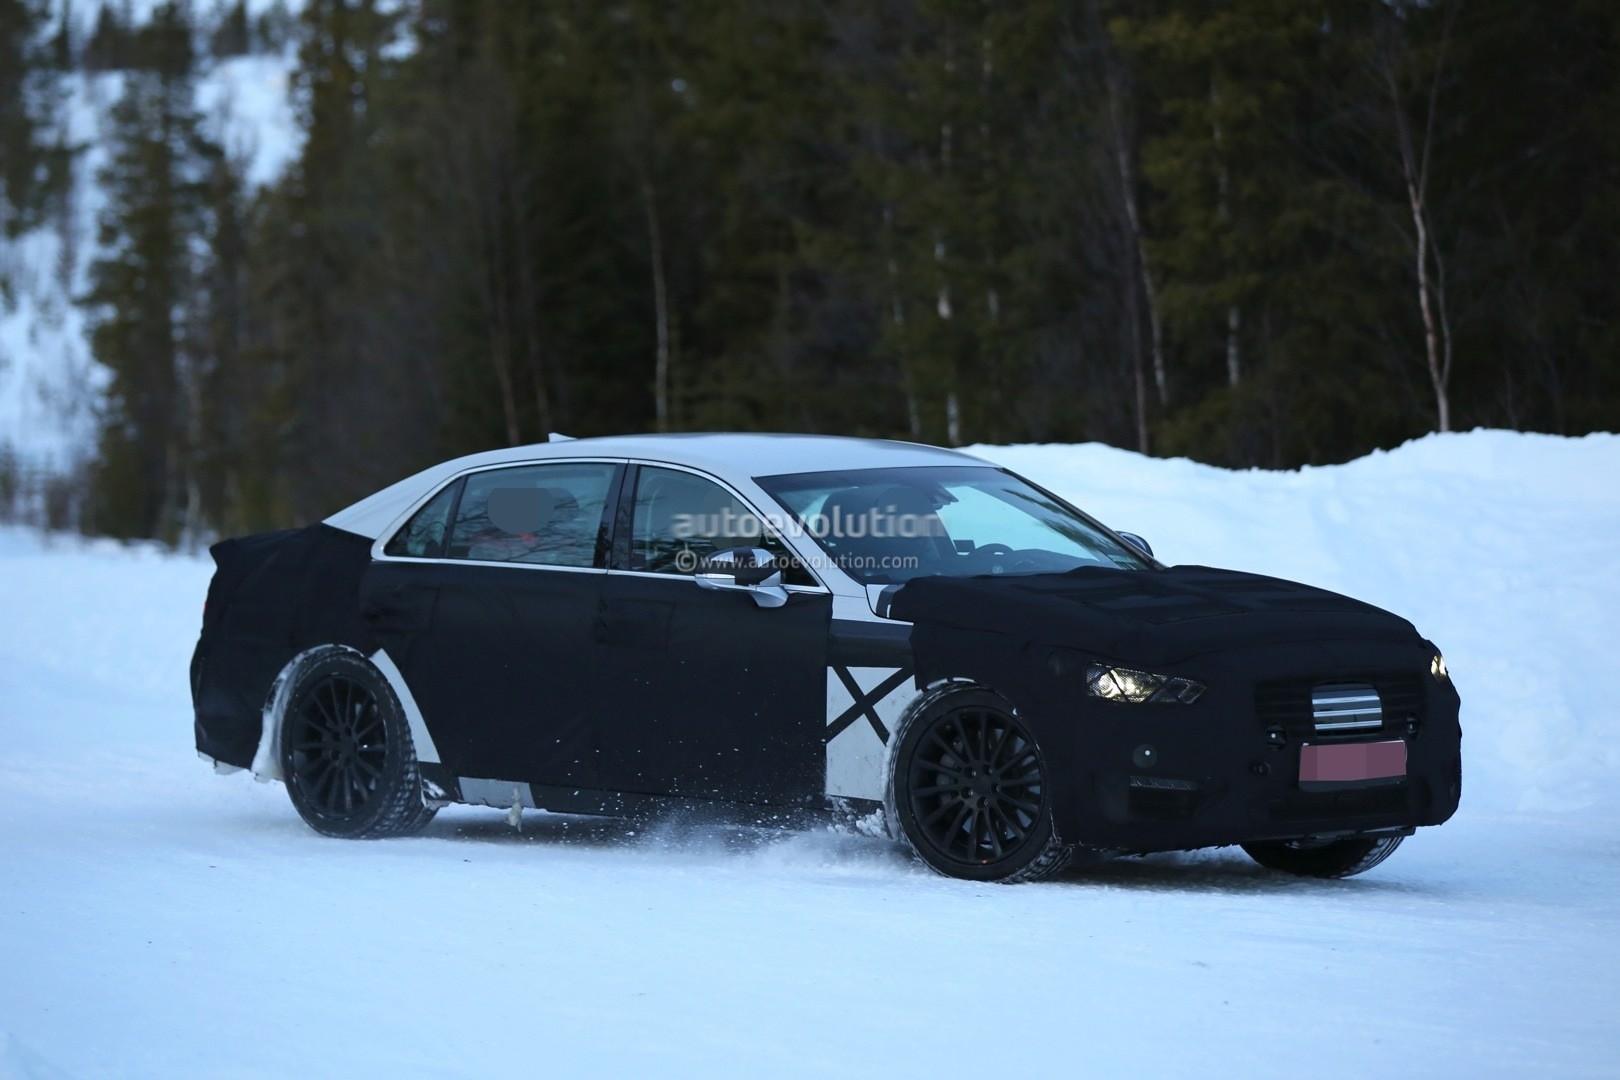 2016 Hyundai Equus Prototype Spied Testing Near Arctic ...